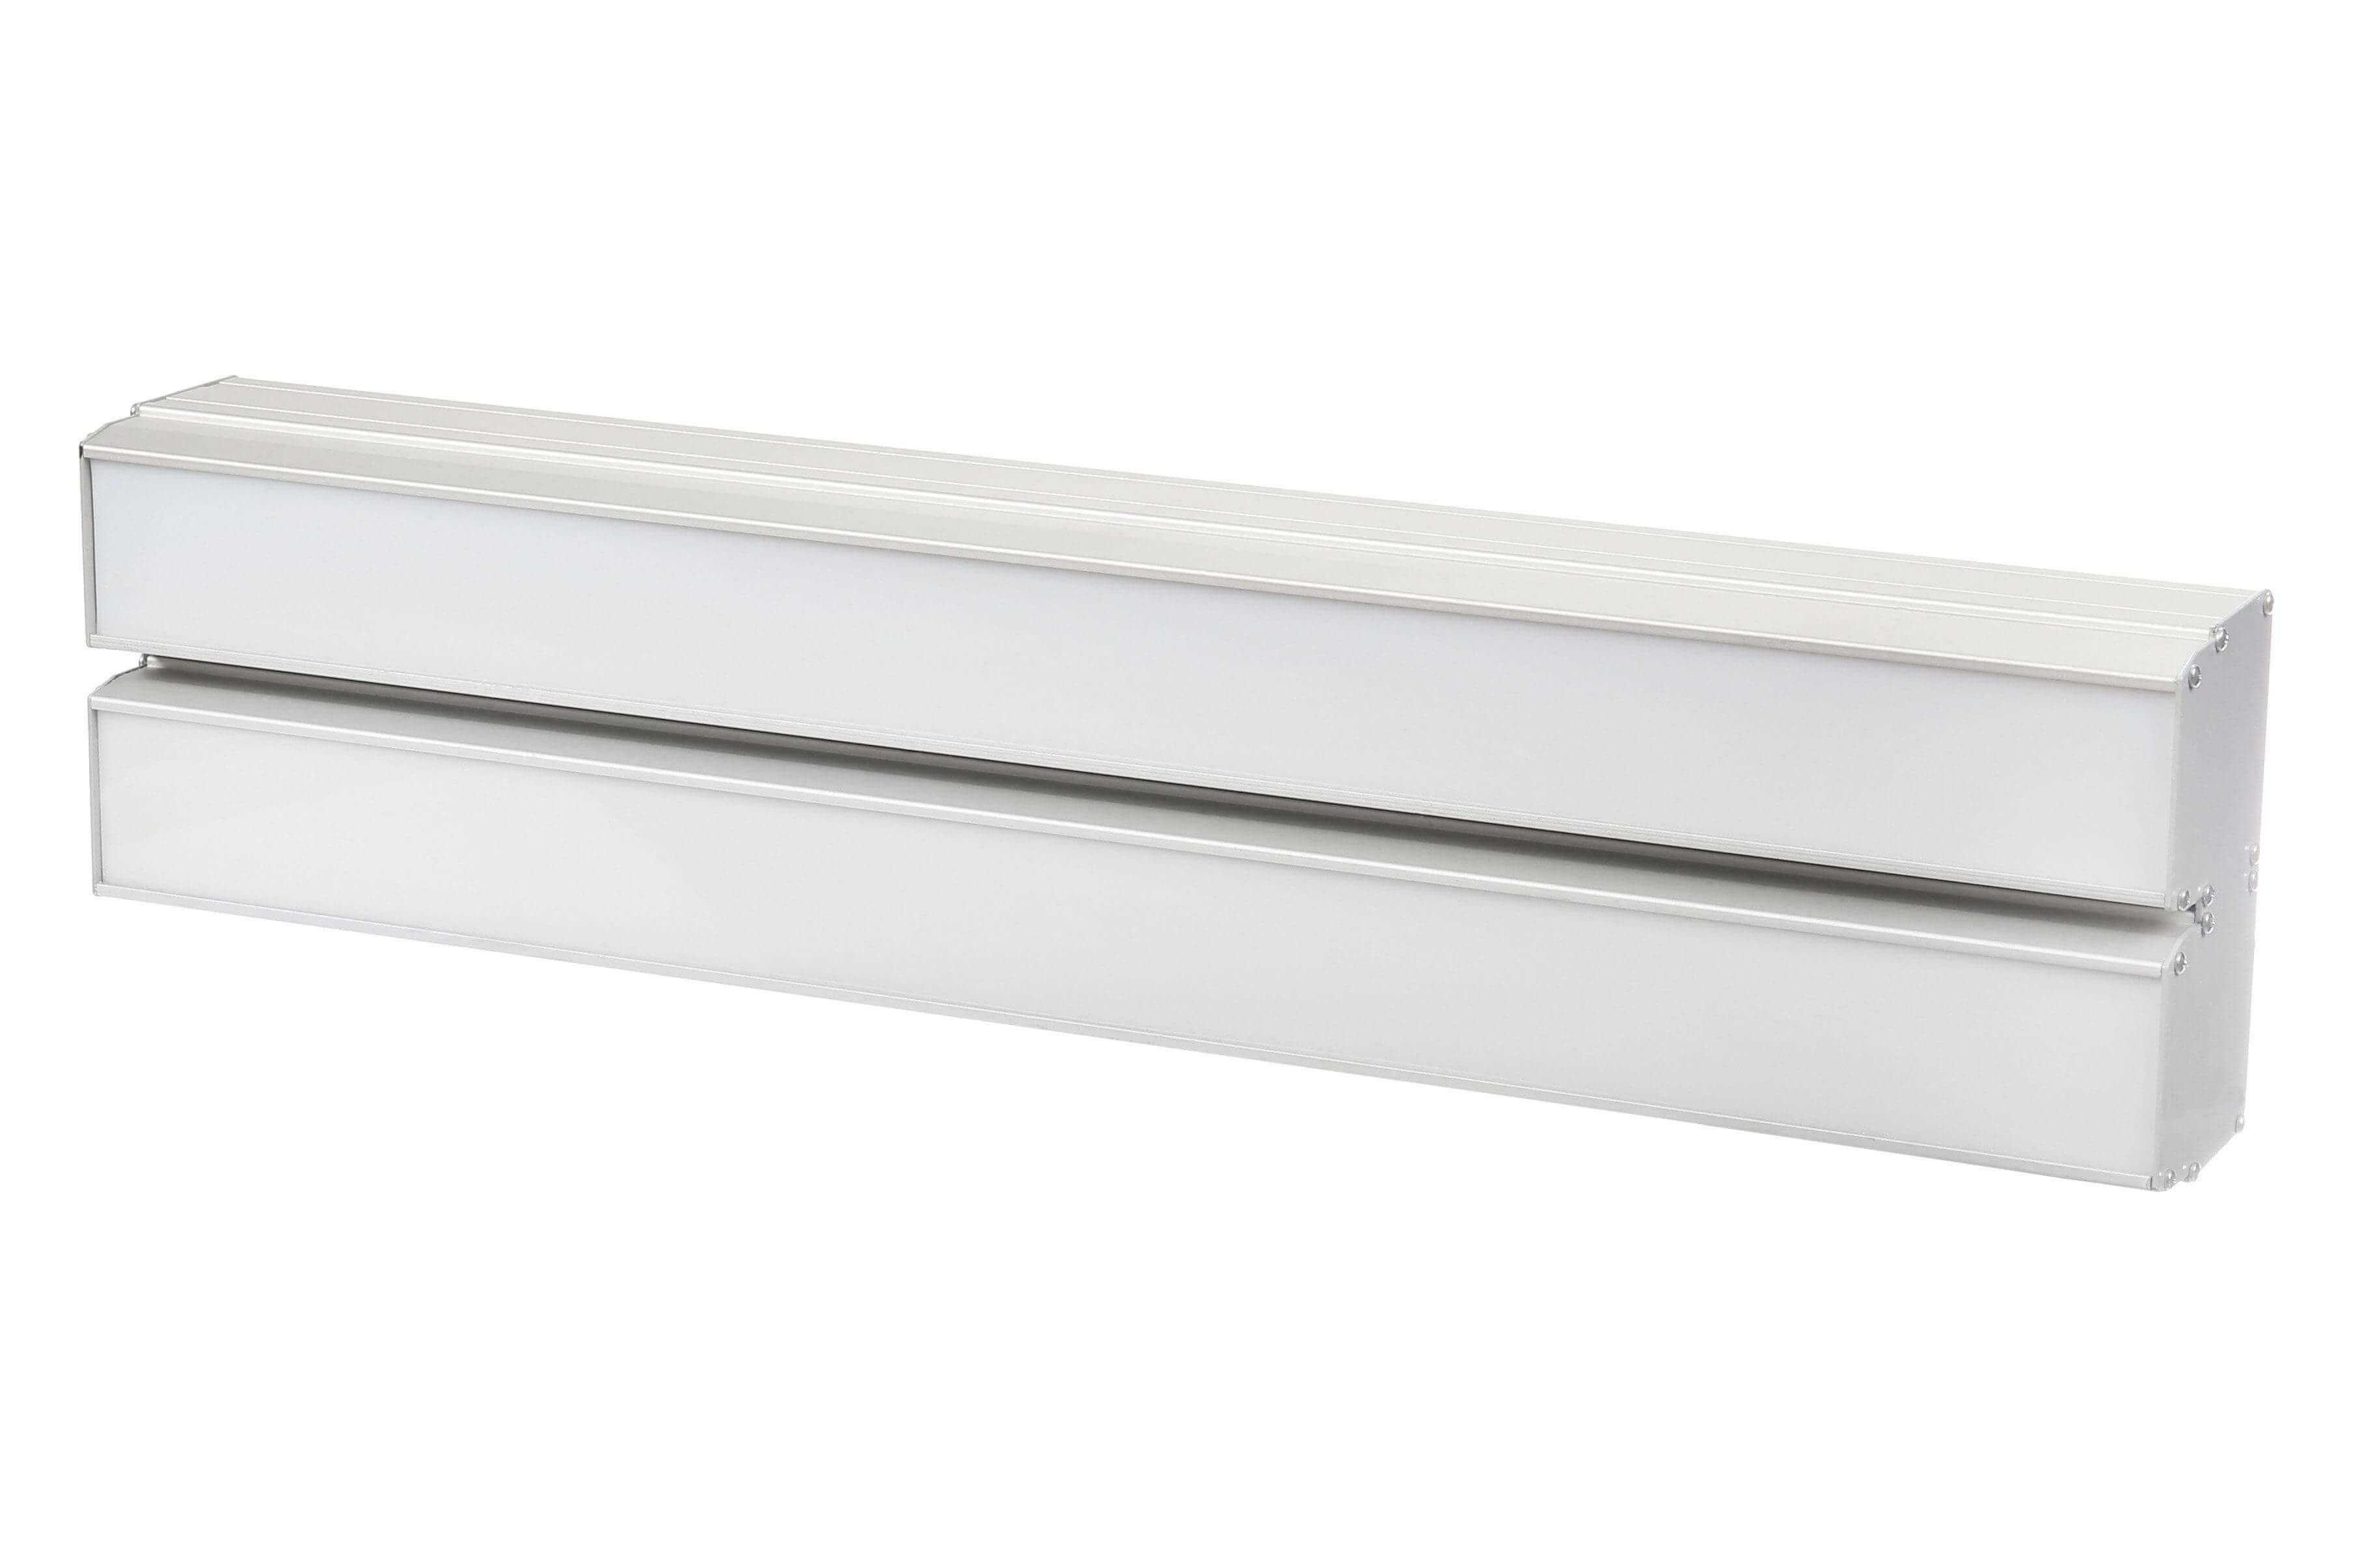 Светодиодный светильник LEDcraft LC-80-2PR-DW 80 Ватт IP20 (1160 мм) Нейтральный Опал